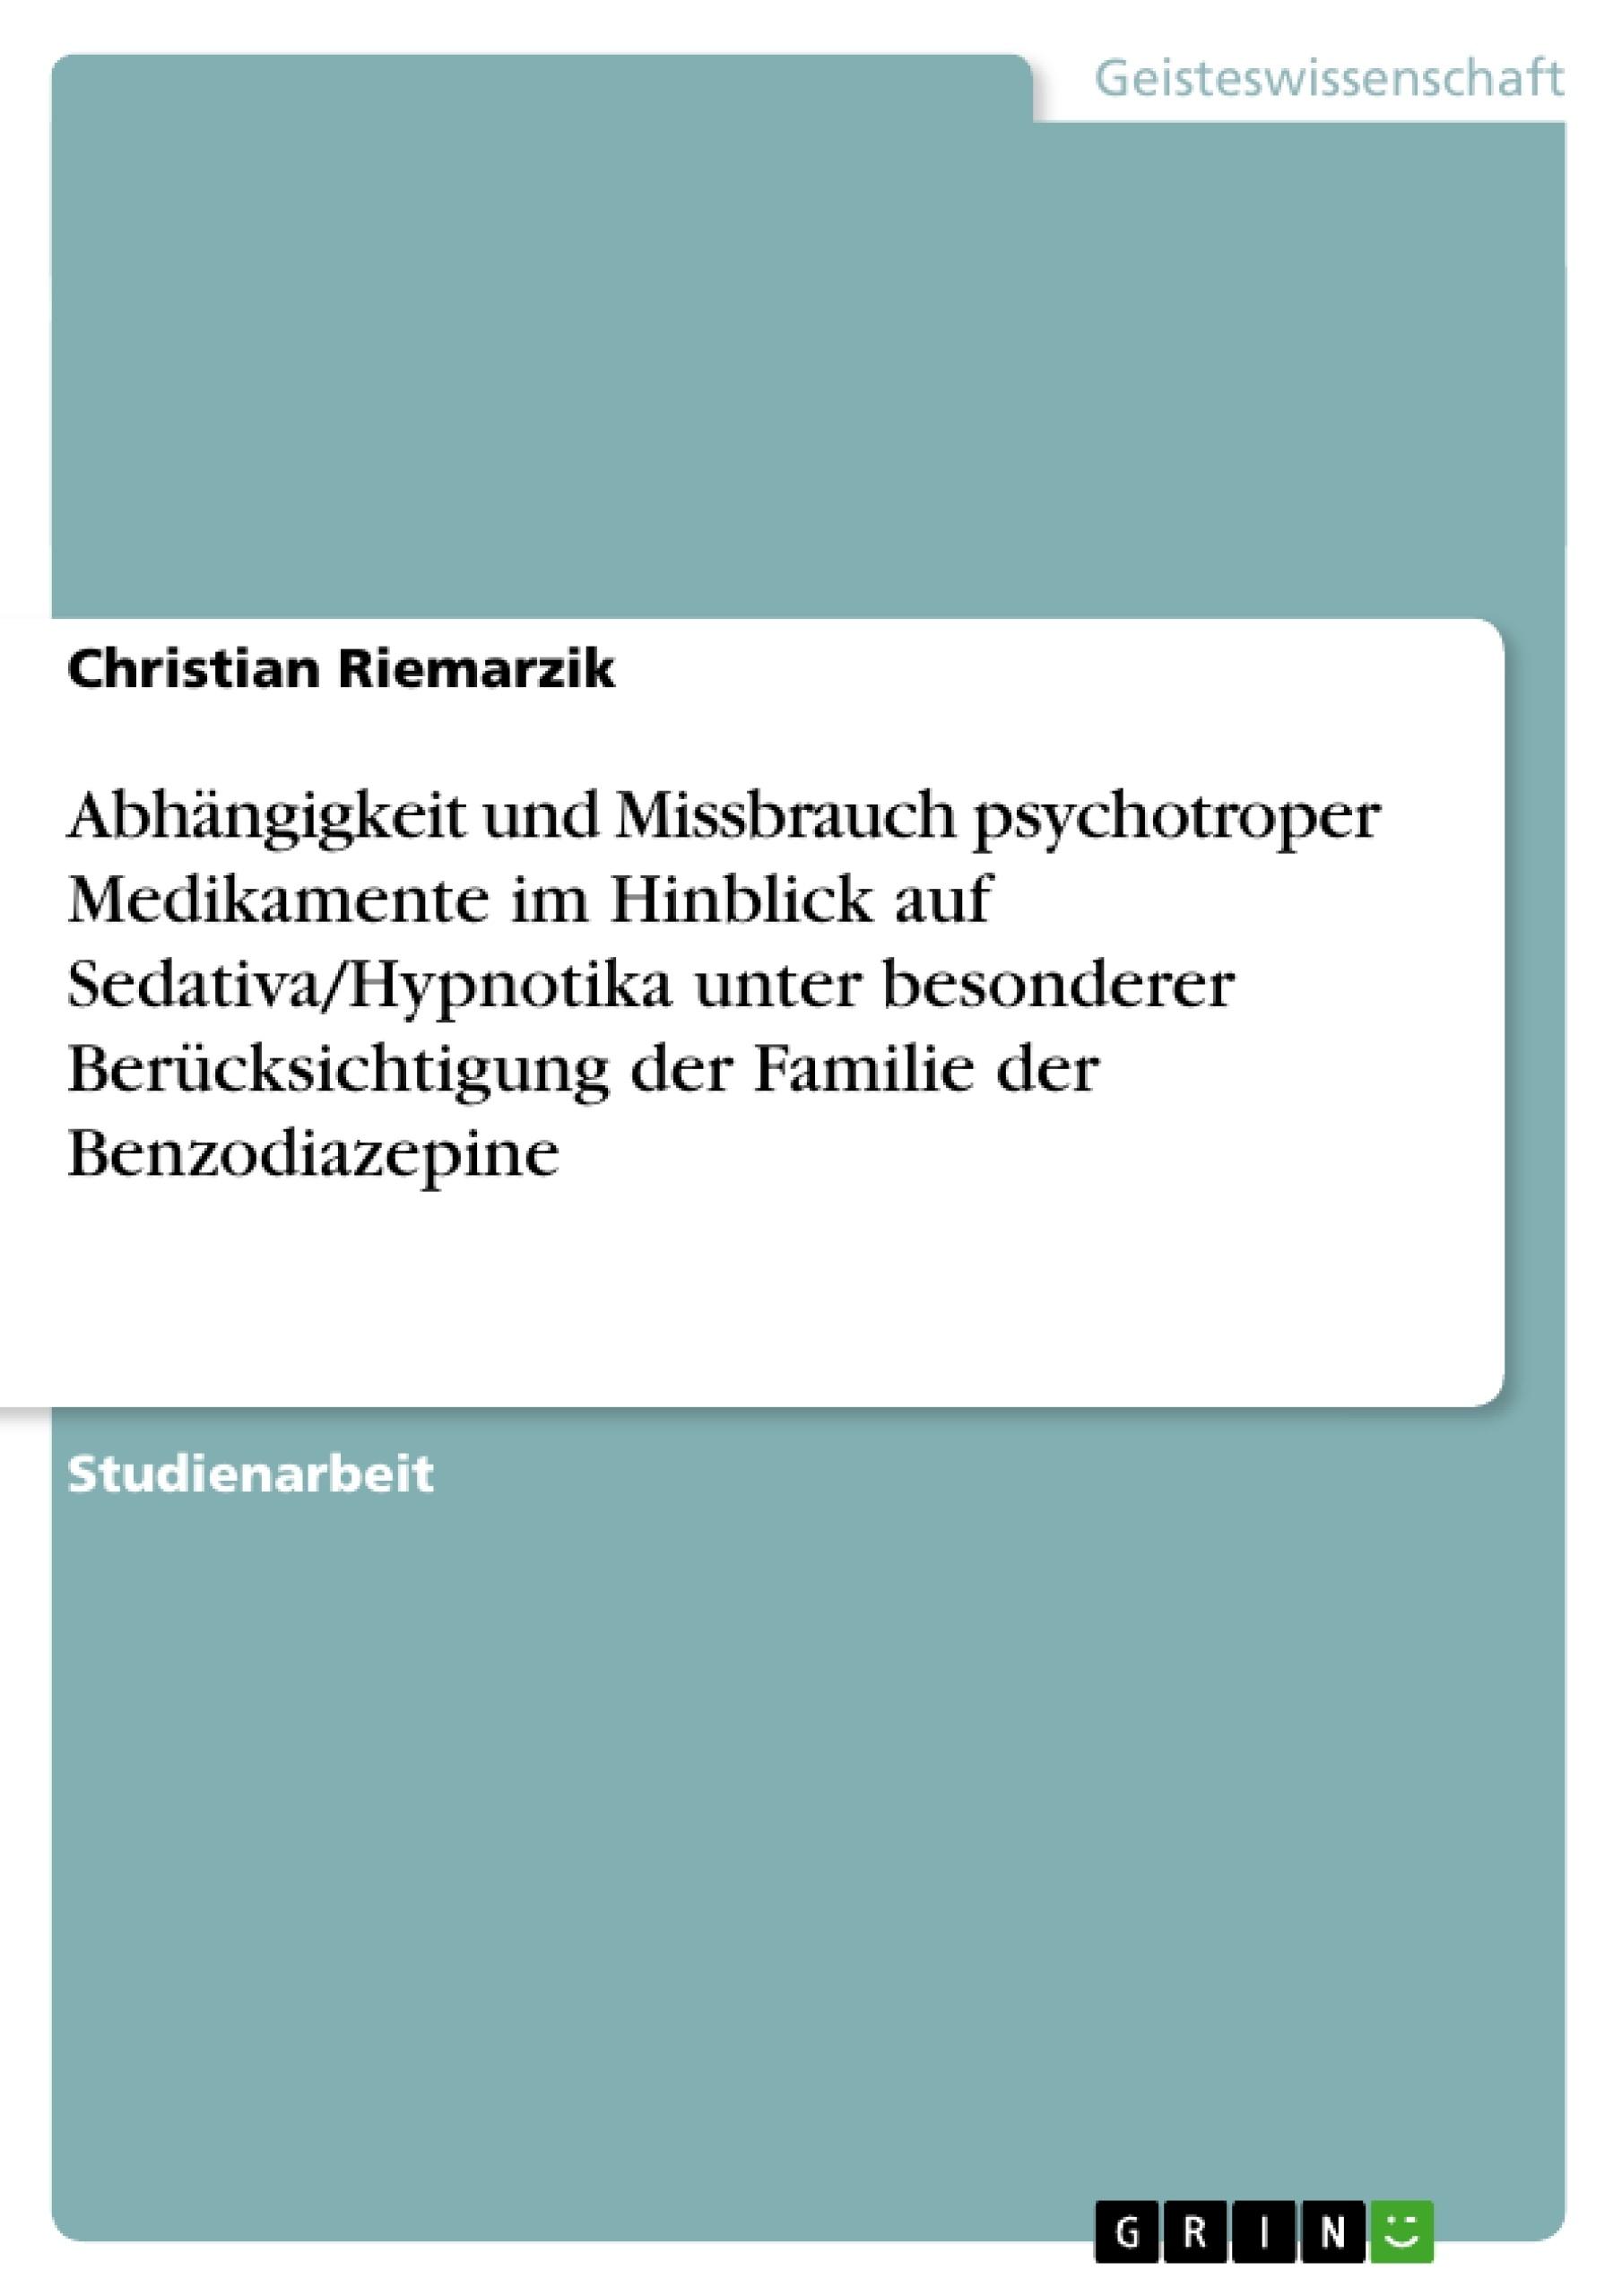 Titel: Abhängigkeit und Missbrauch psychotroper Medikamente im Hinblick auf Sedativa/Hypnotika unter besonderer Berücksichtigung der Familie der Benzodiazepine